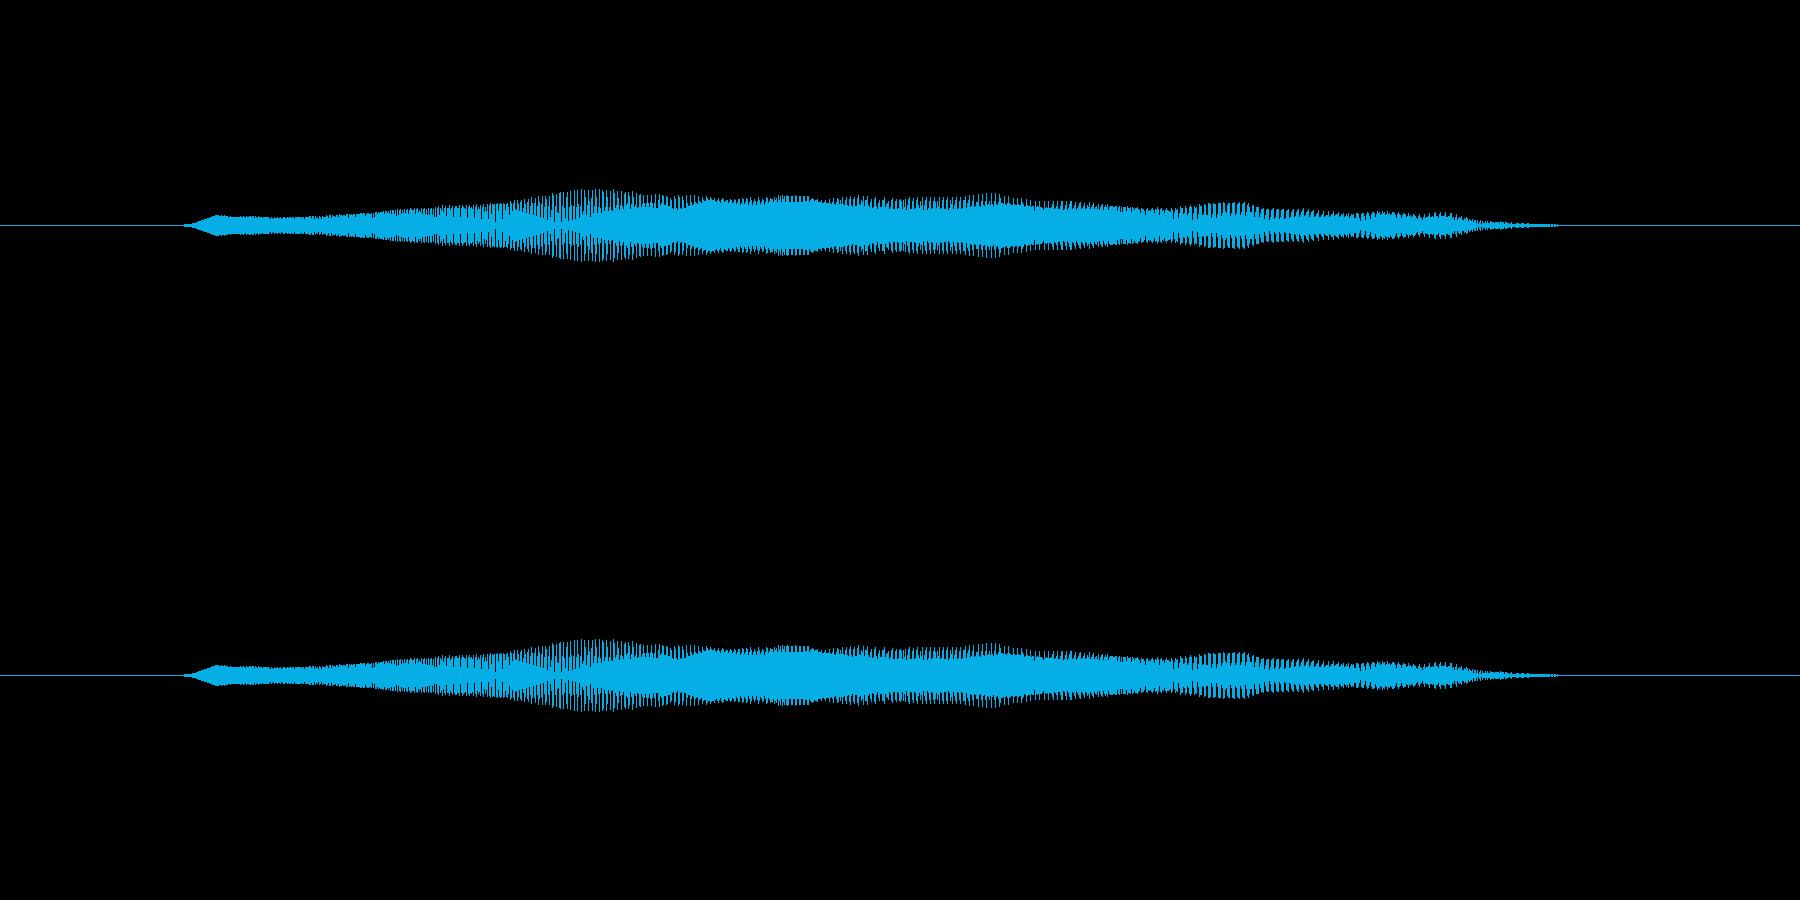 ニャー_猫声-16の再生済みの波形